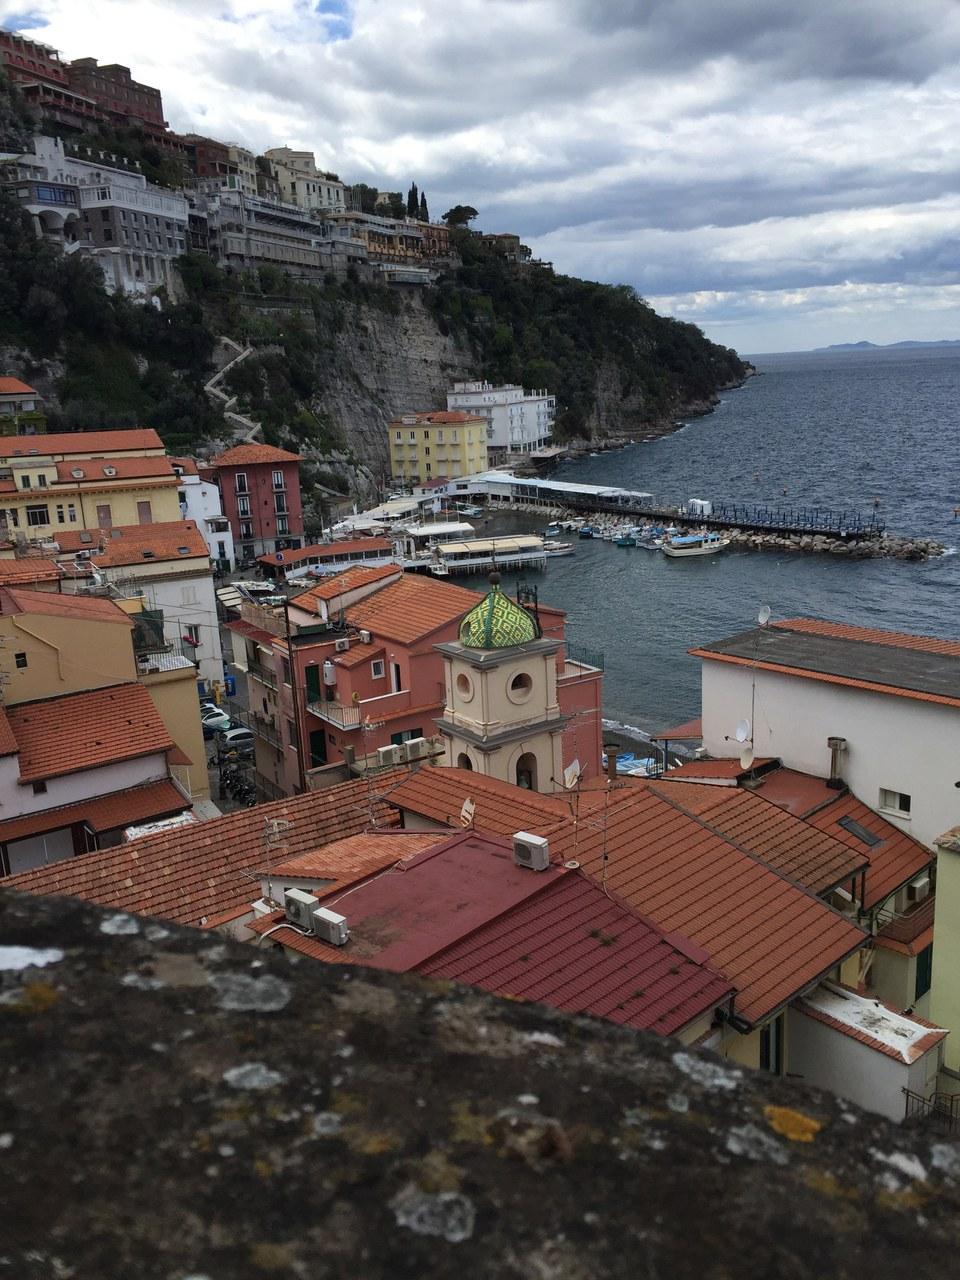 Sorrento's Old Harbor